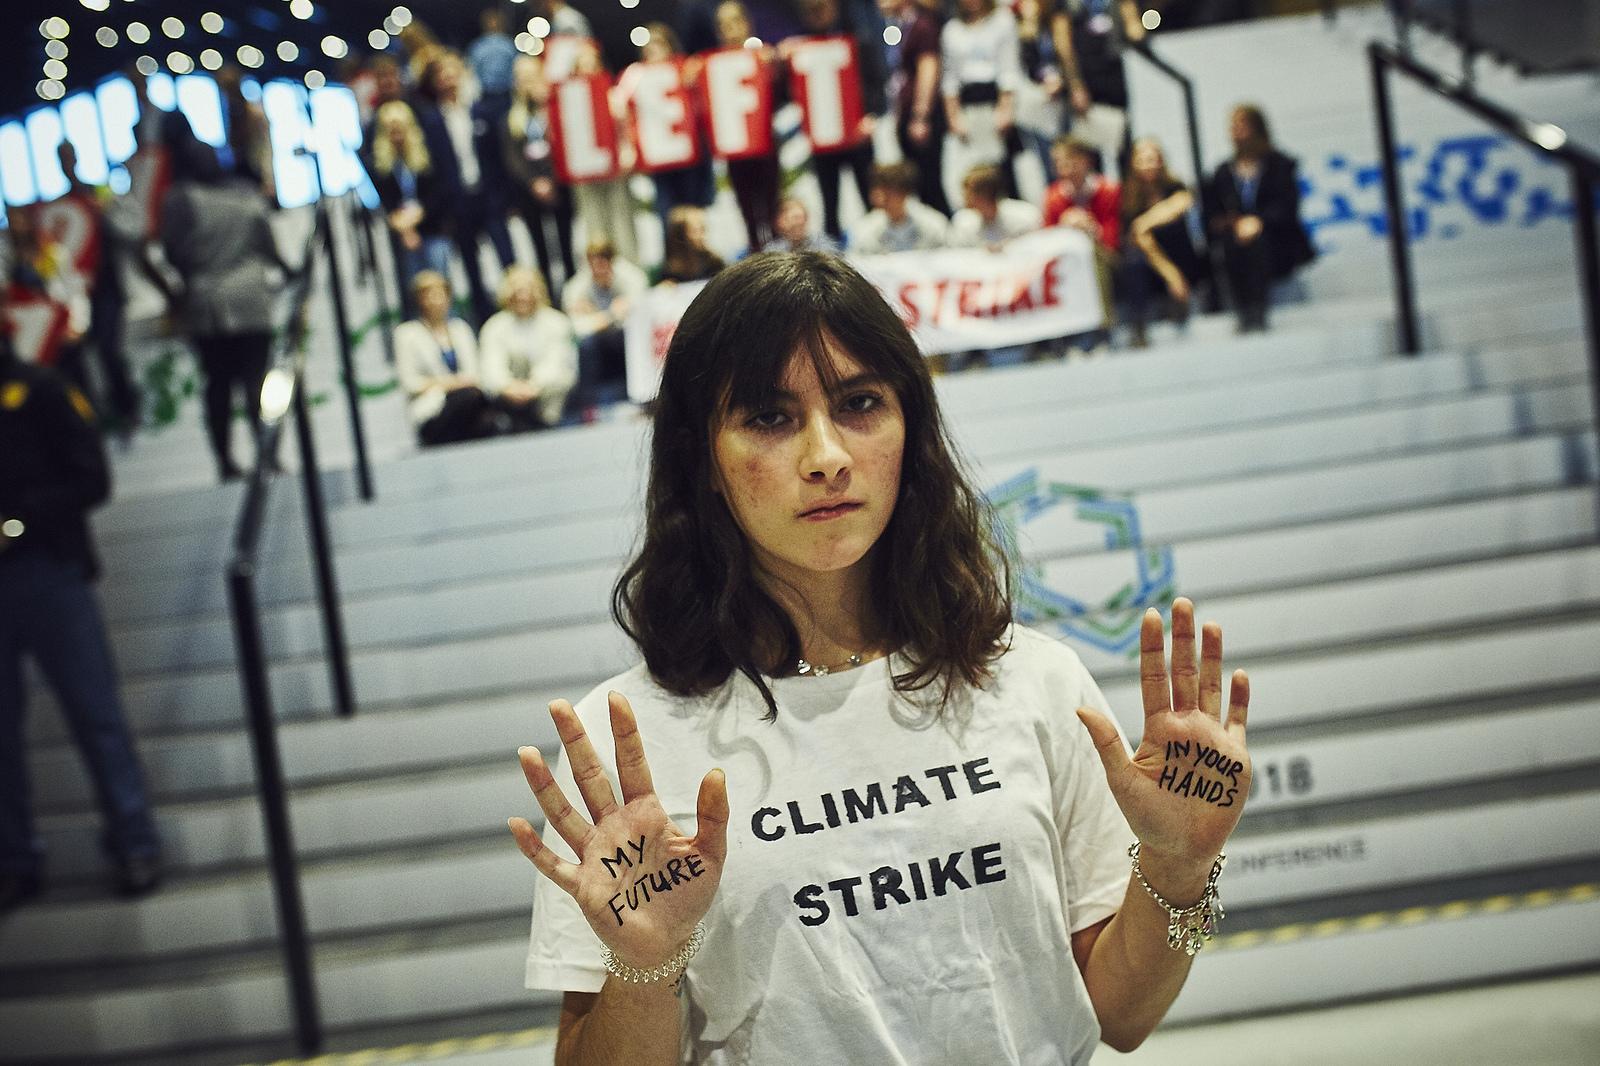 Pour le climat et bien plus encore, marchons !